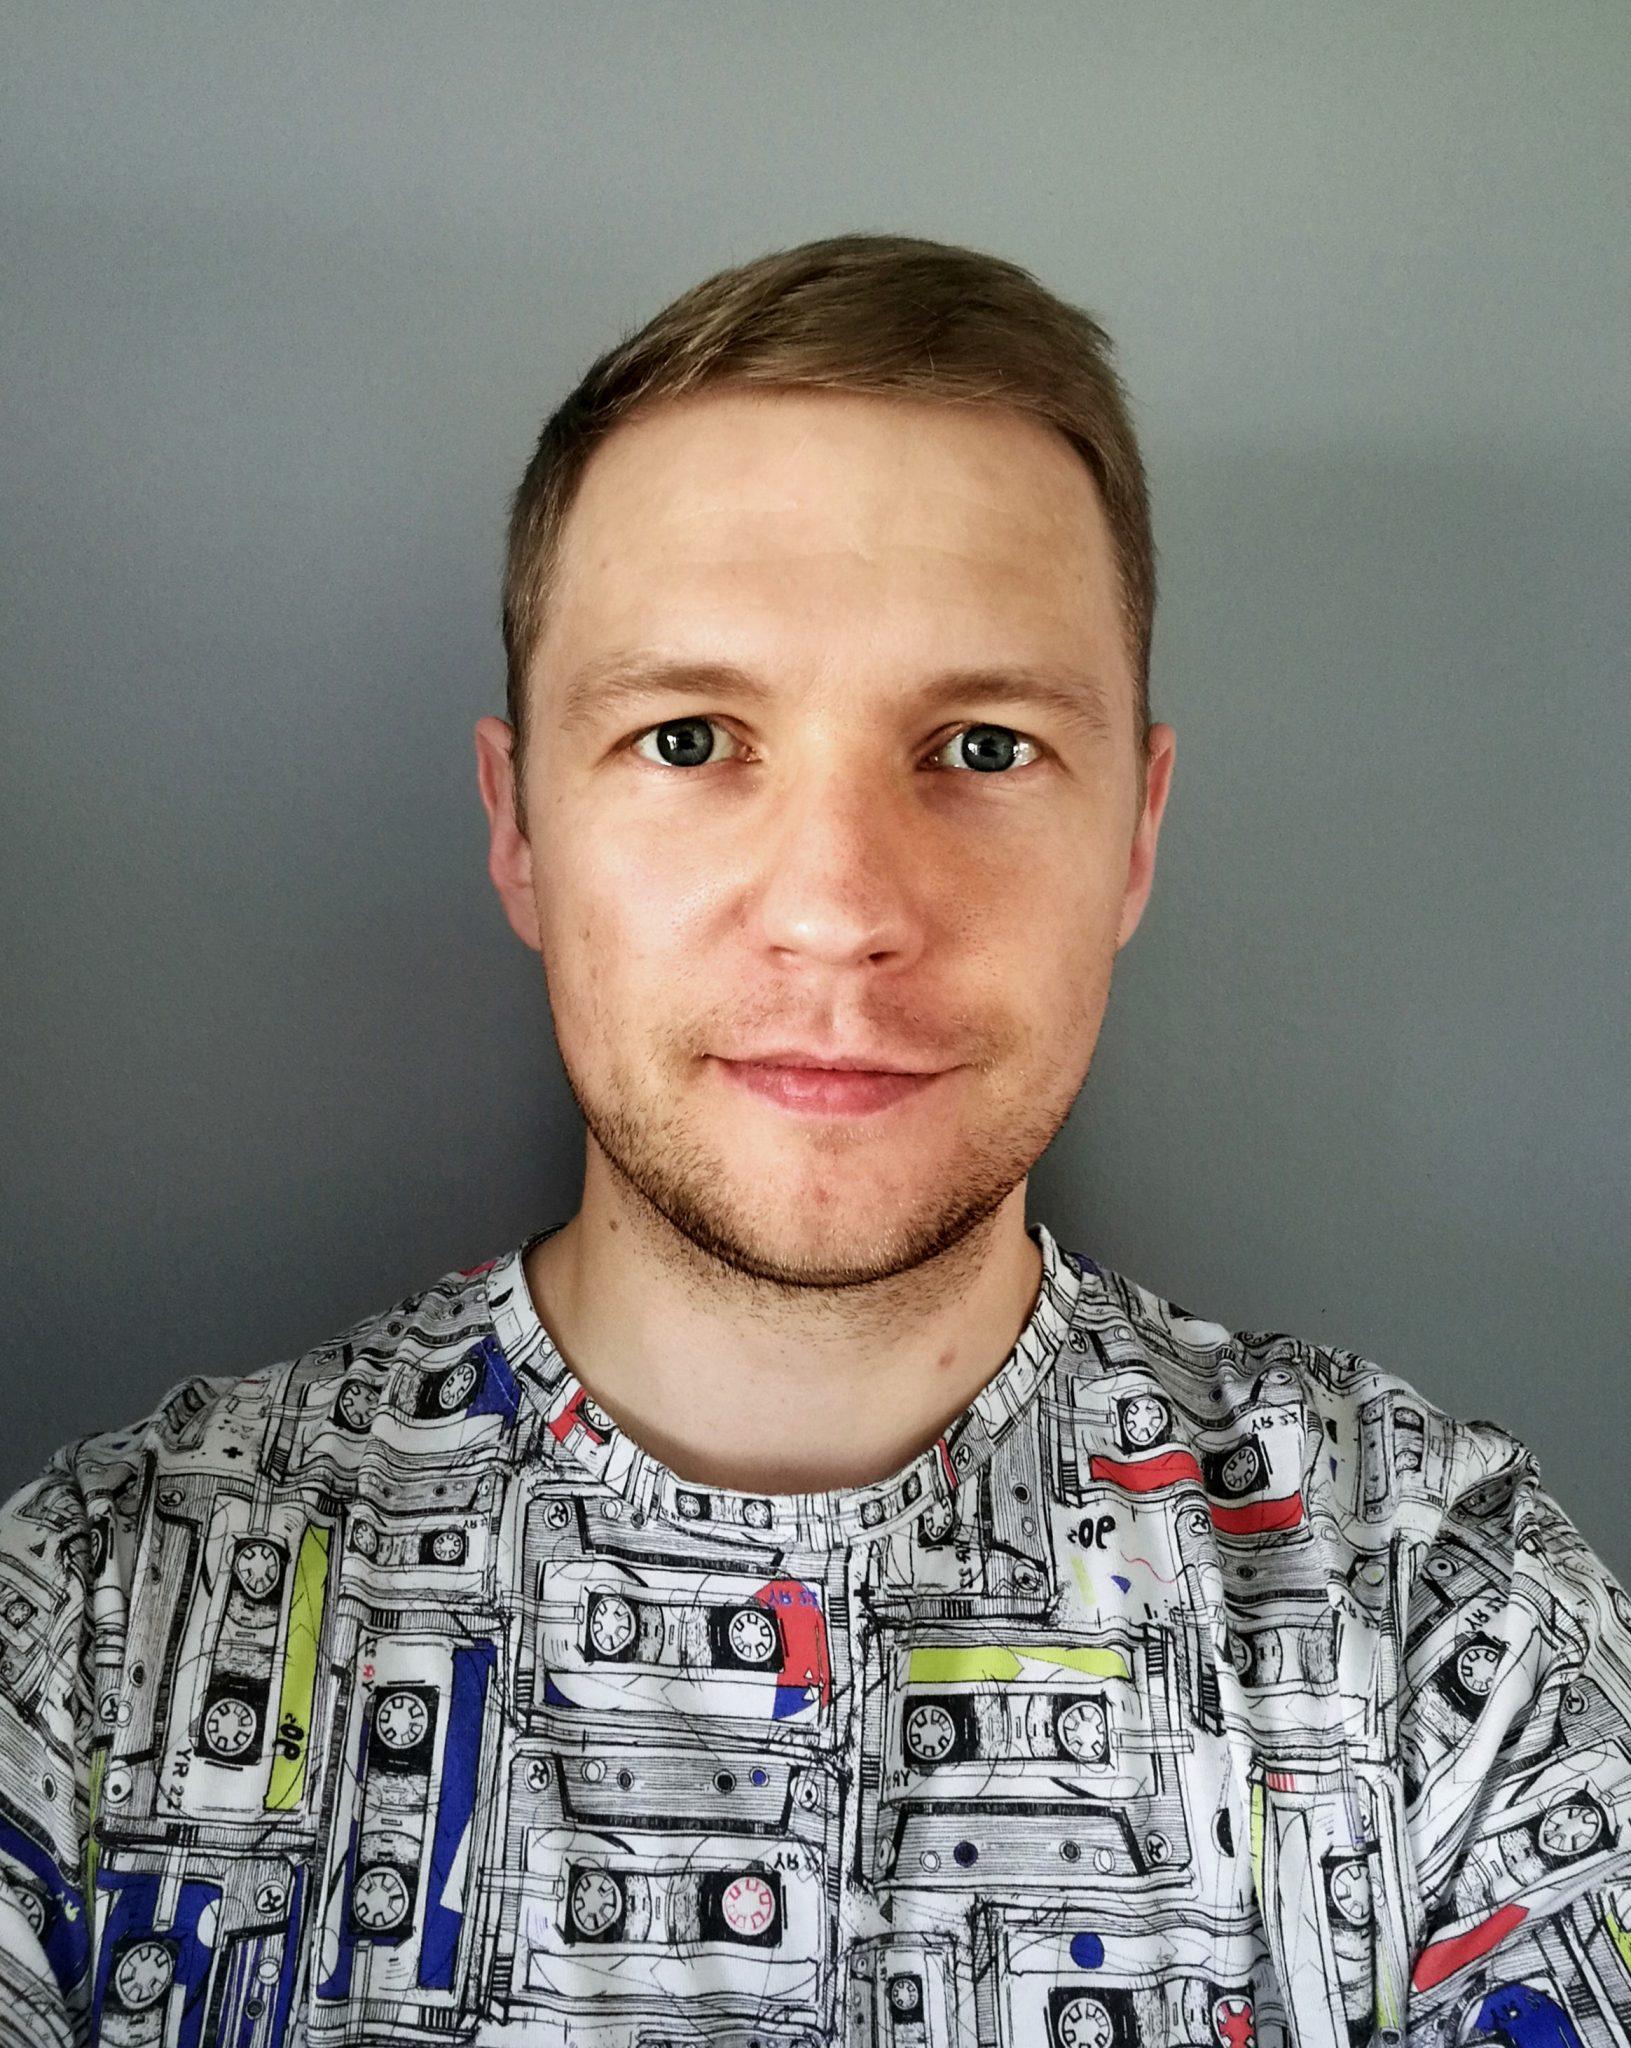 Piotr Prądzyński